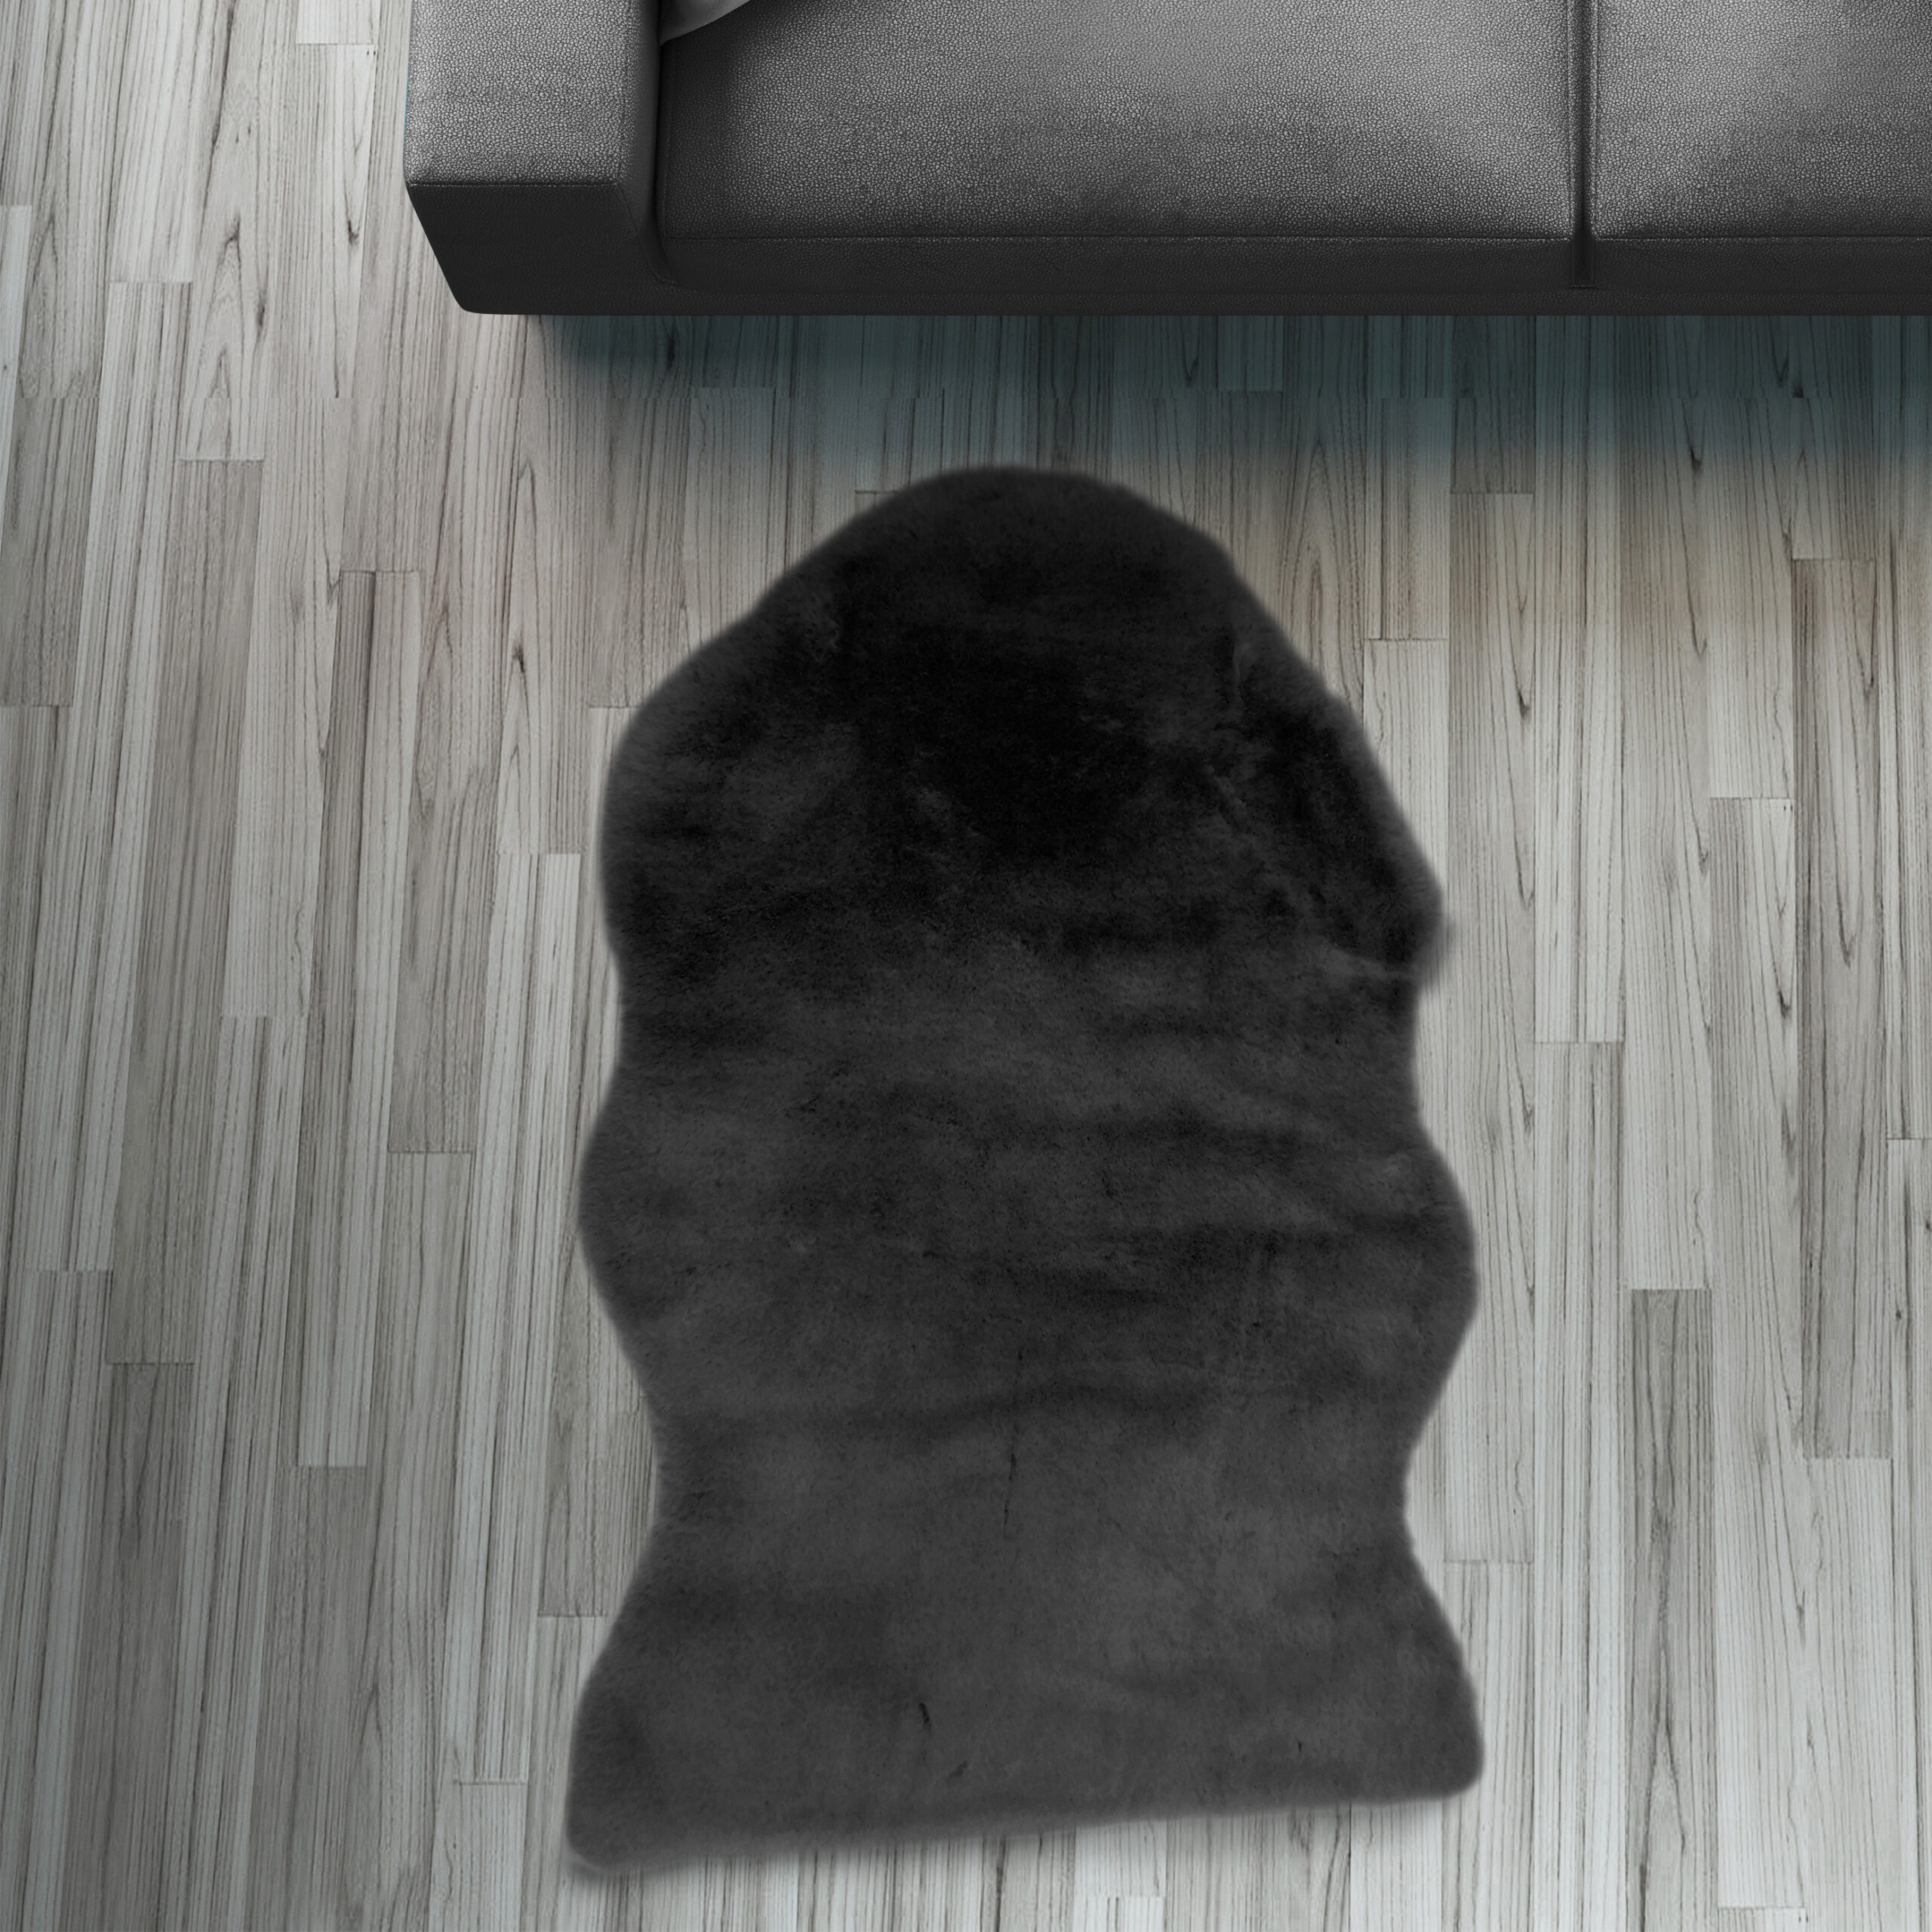 Full Size of Fell Lufer Teppich Schwarz 55 80 Cm Sofa Stuhl Matte Tier Wohnzimmer Teppiche Home Affair Affaire Big Bett Wohnzimmer Home 24 Teppiche